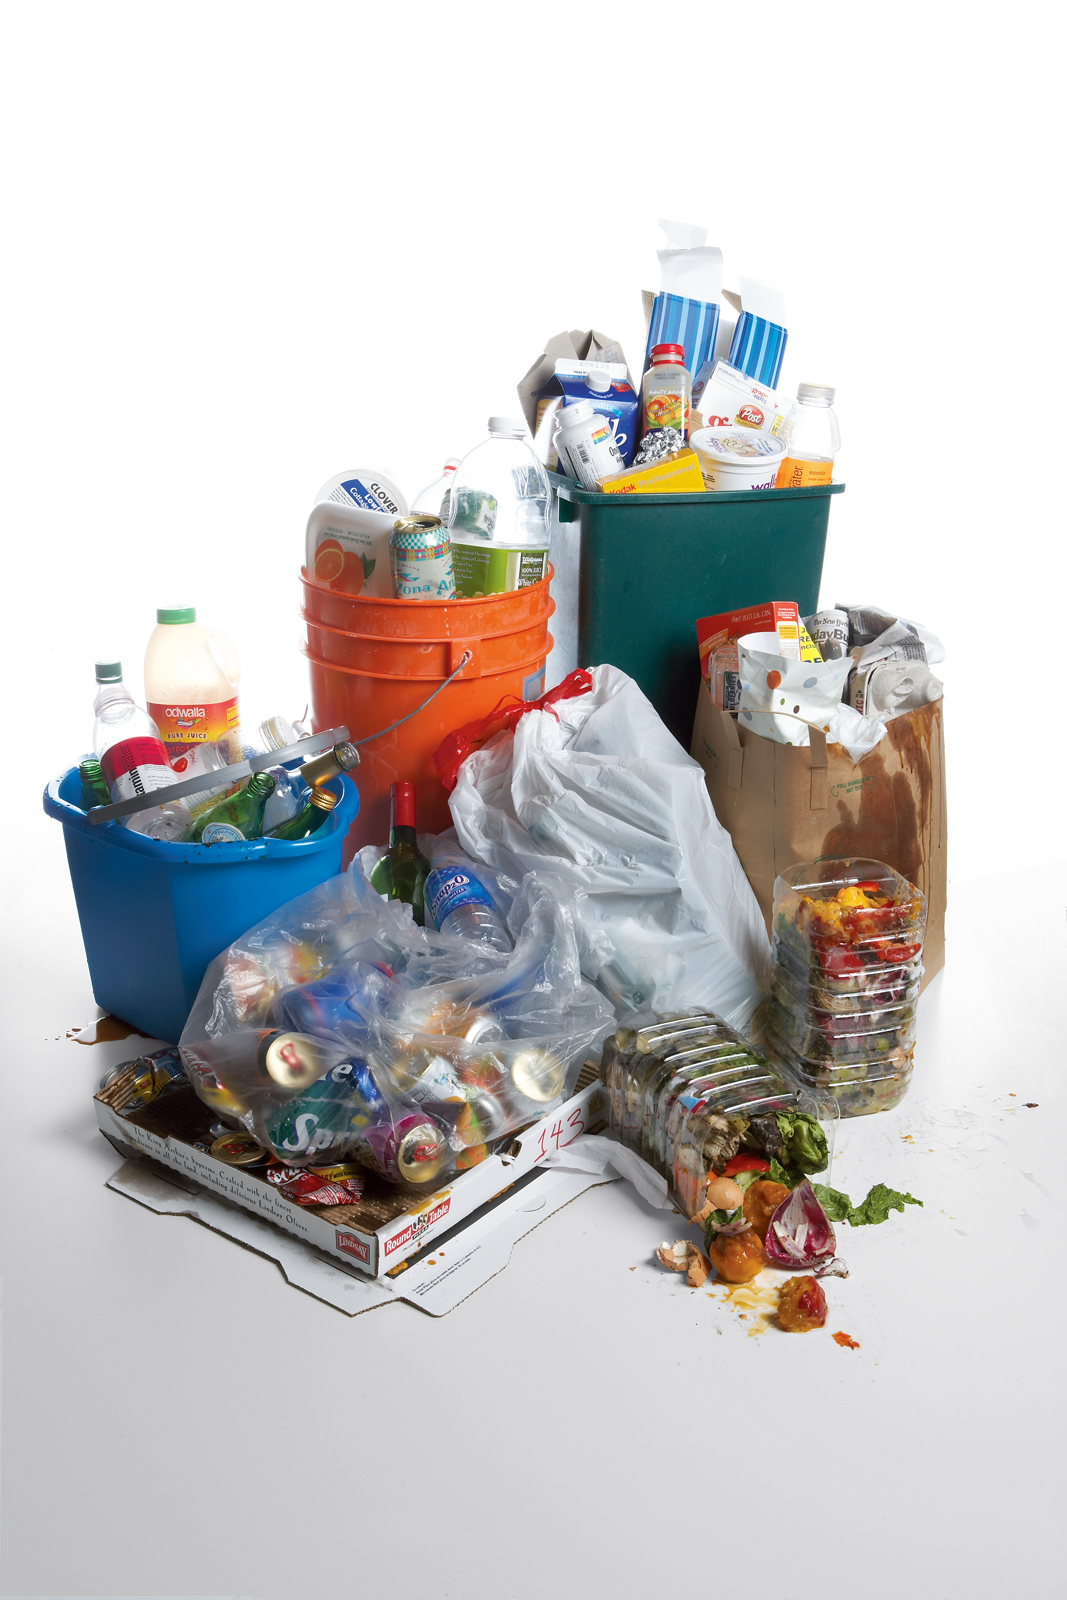 recylcing bins opening garbage image